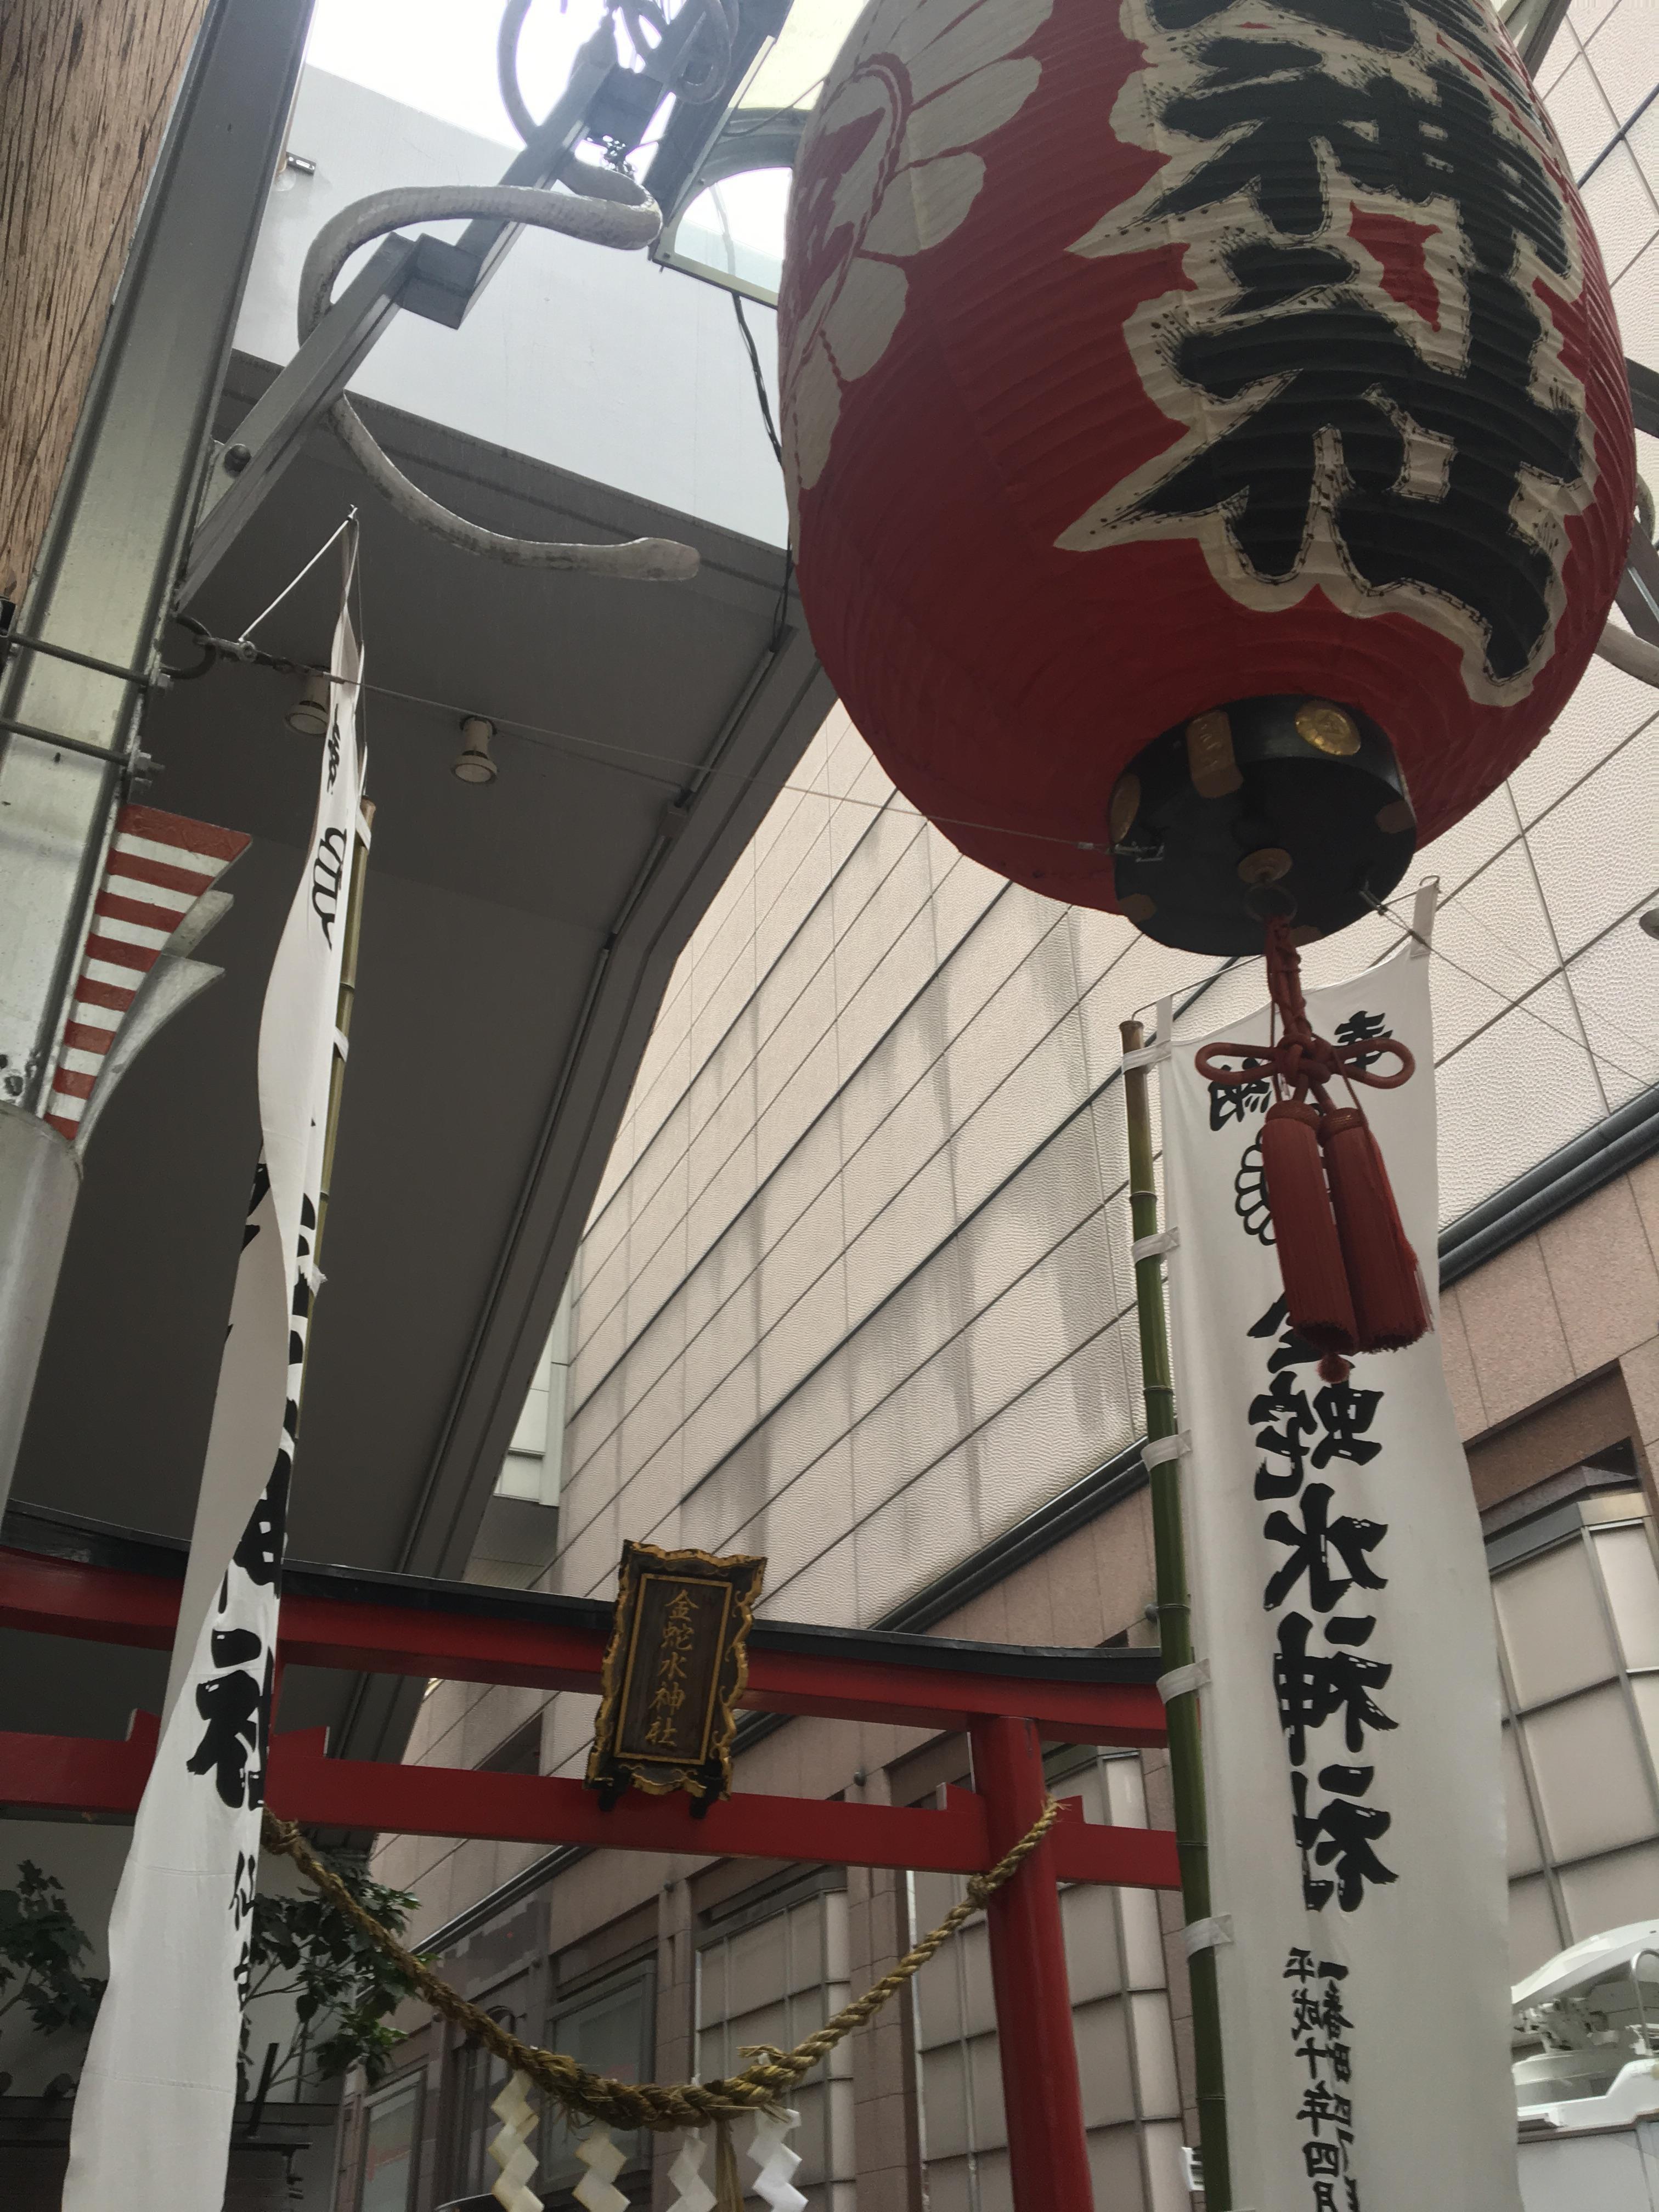 金蛇水神社(分社)の建物その他